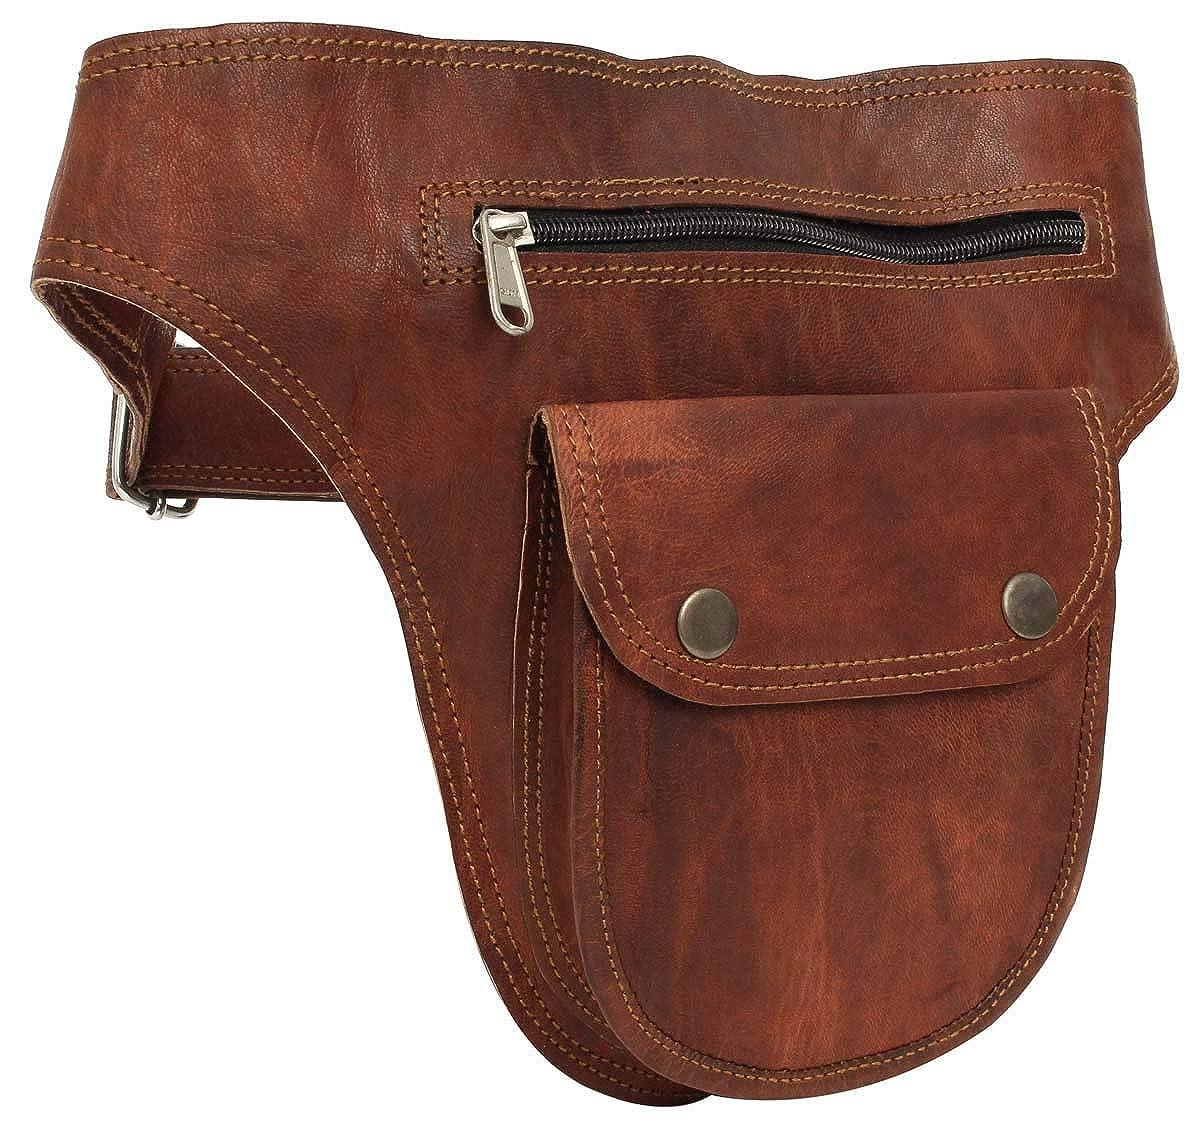 """Sac banane - Gusti Cuir nature """"Don"""" sac ceinture vintage sac à main rétro sac porté ceinture homme femme cuir de chèvre marron G6 S Gusti Leder"""